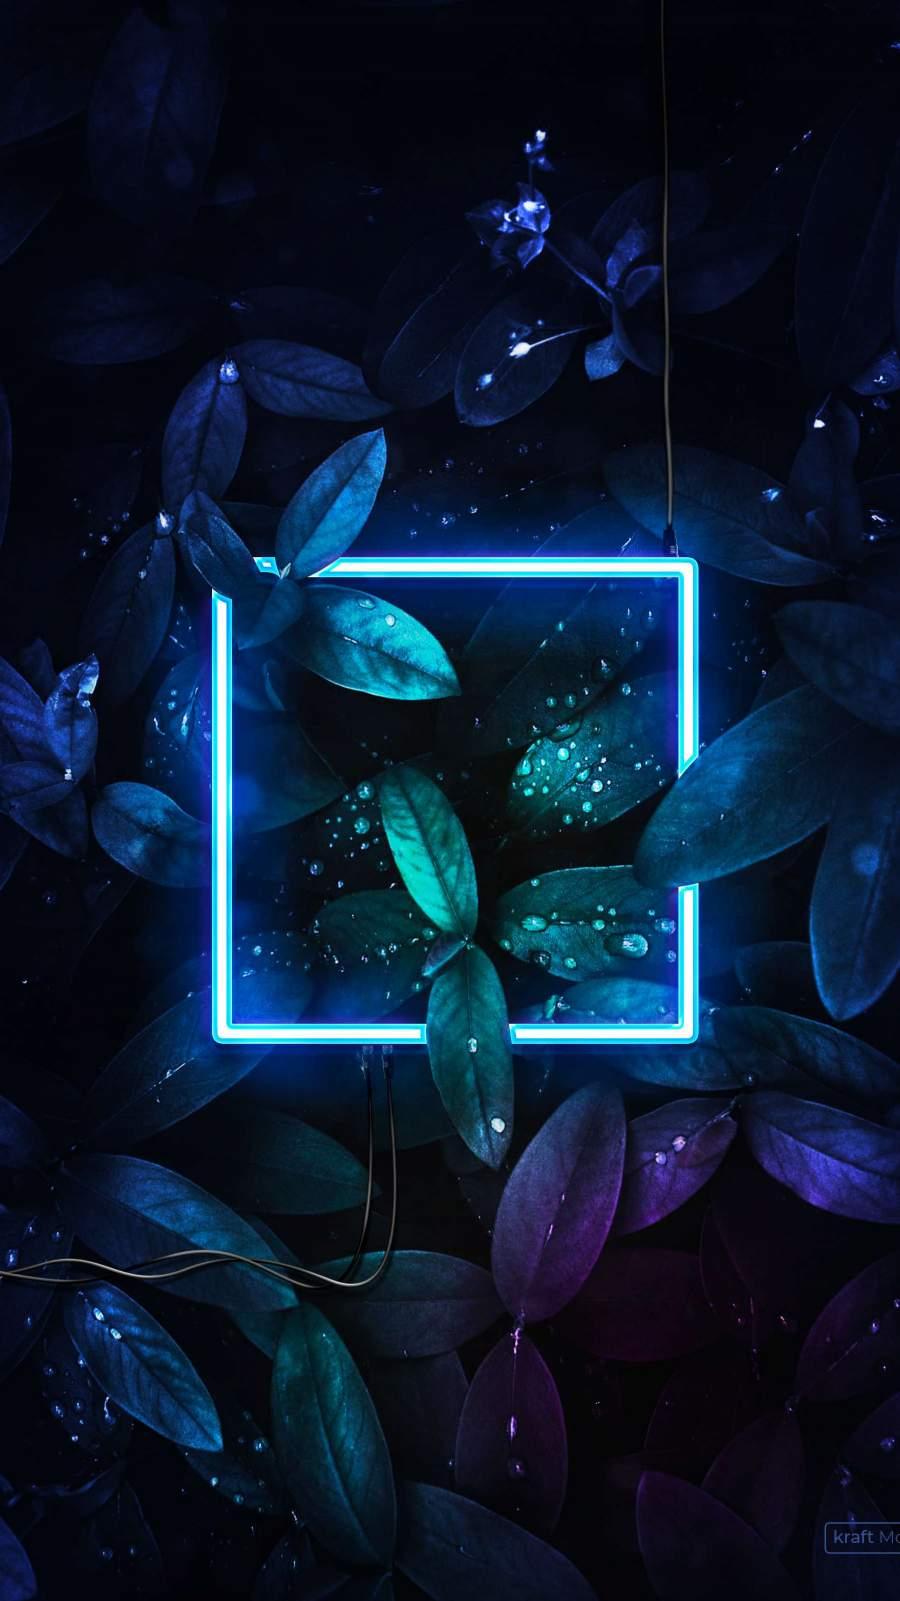 Neon Nature iPhone Wallpaper